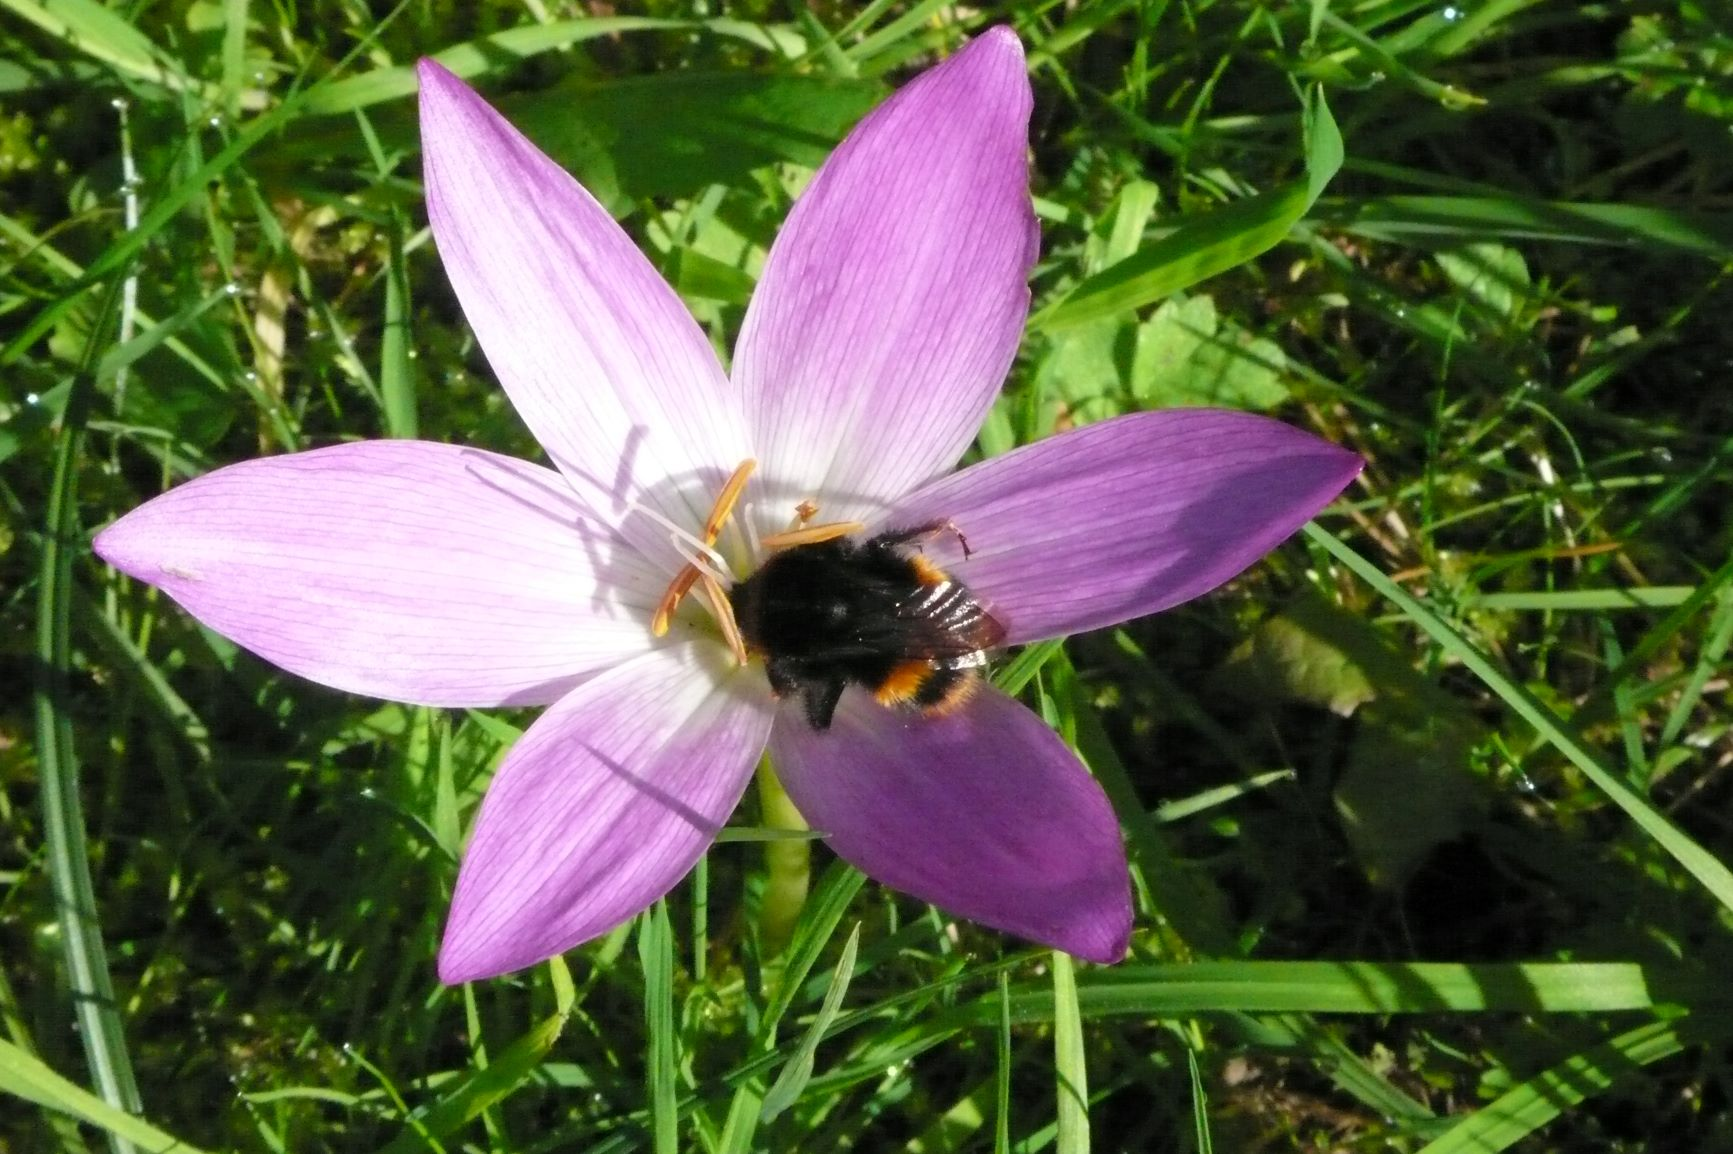 Bee feeding on autumn crocus